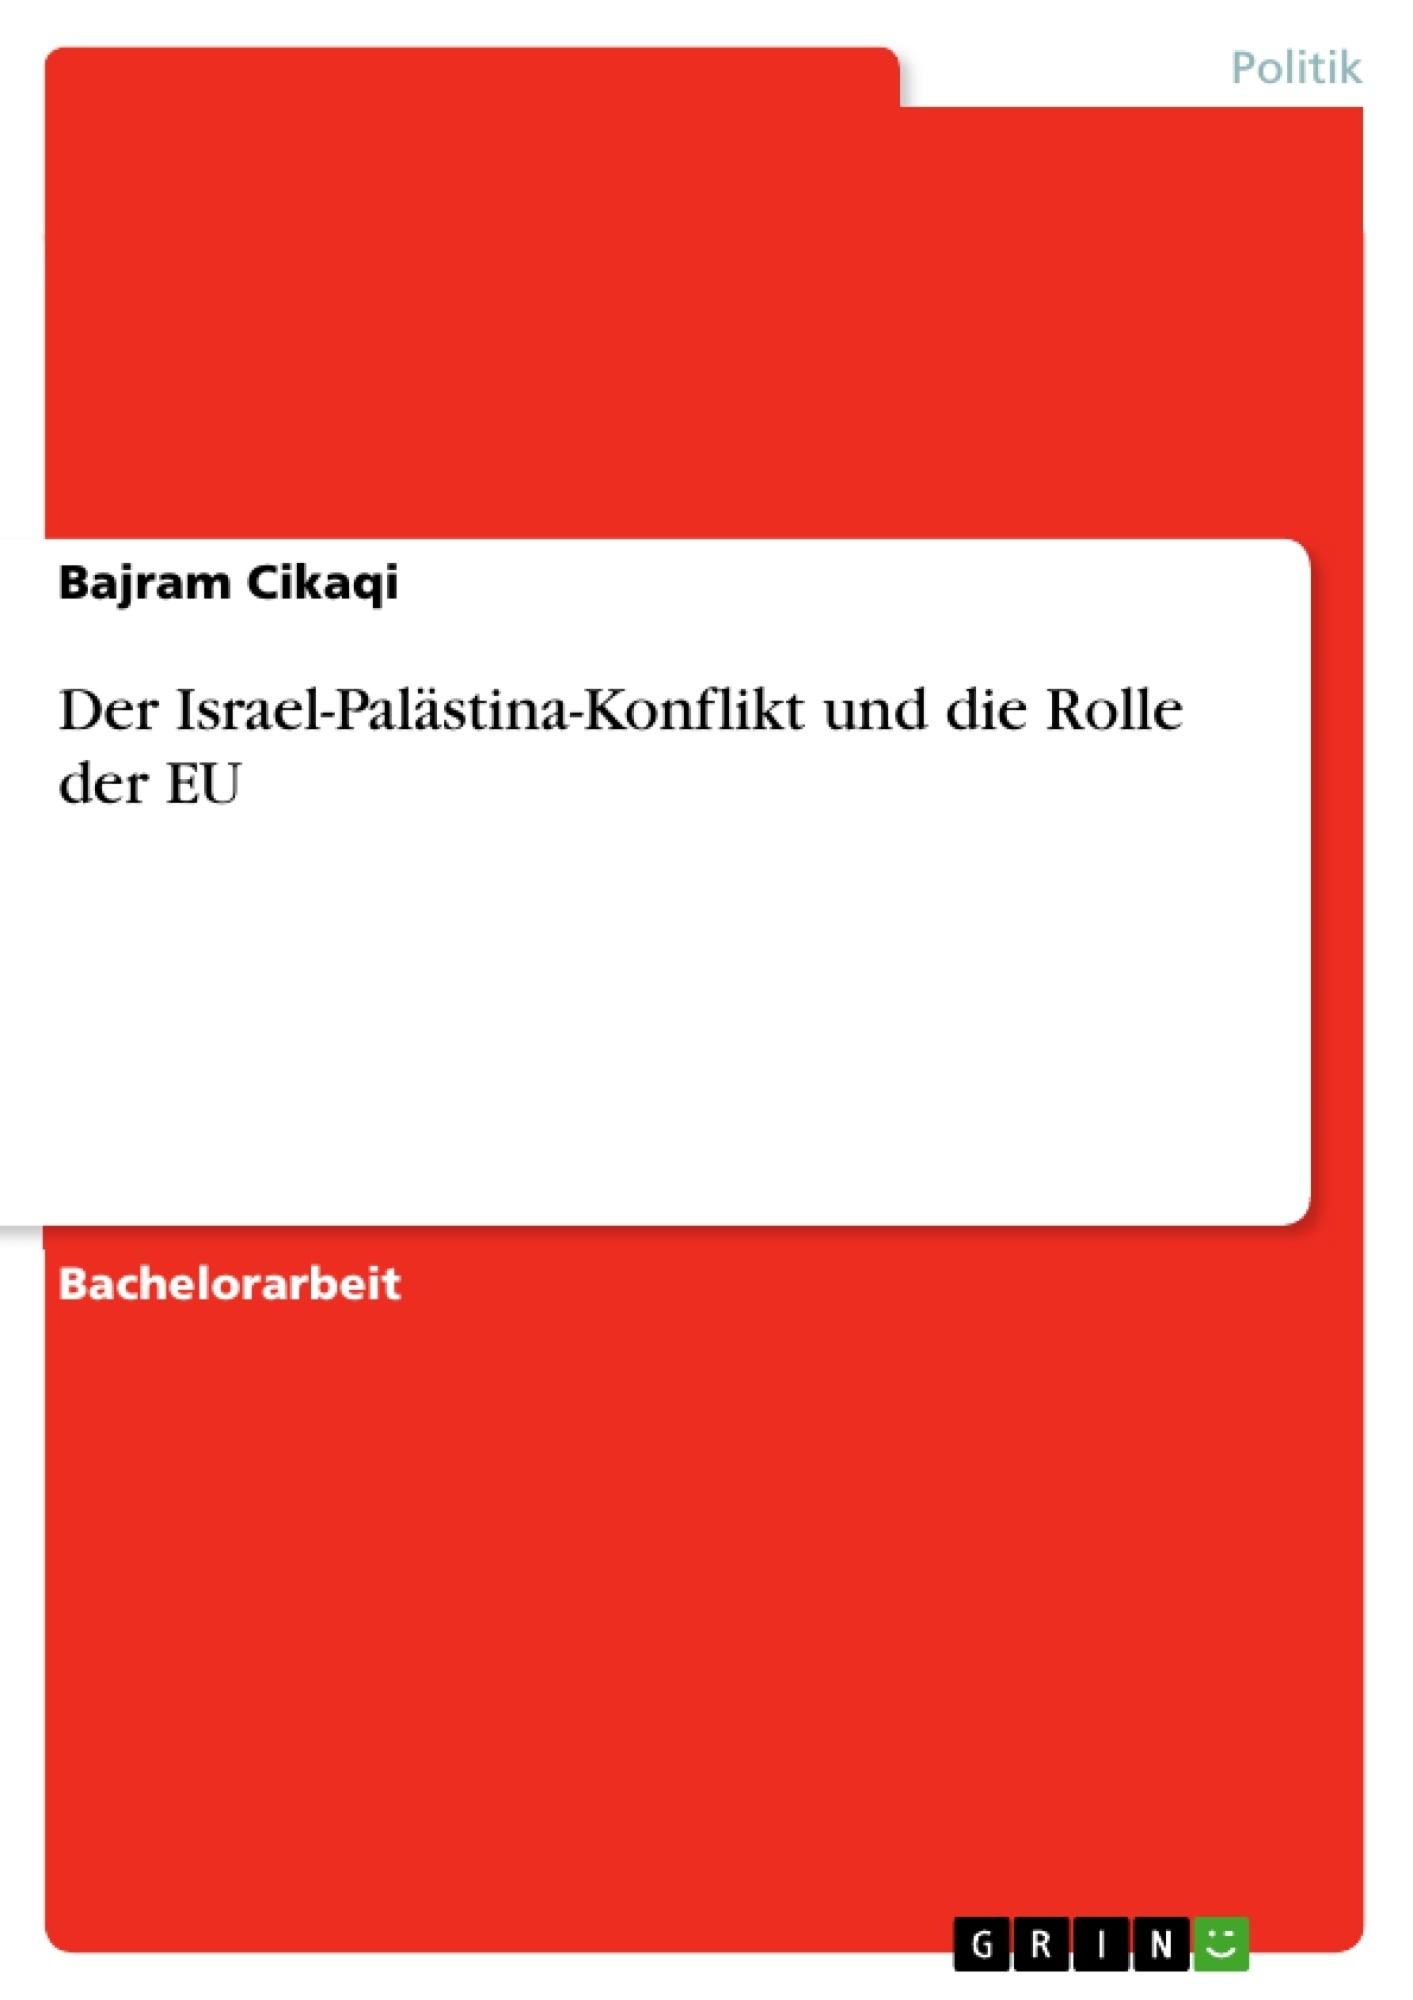 Titel: Der Israel-Palästina-Konflikt und die Rolle der EU